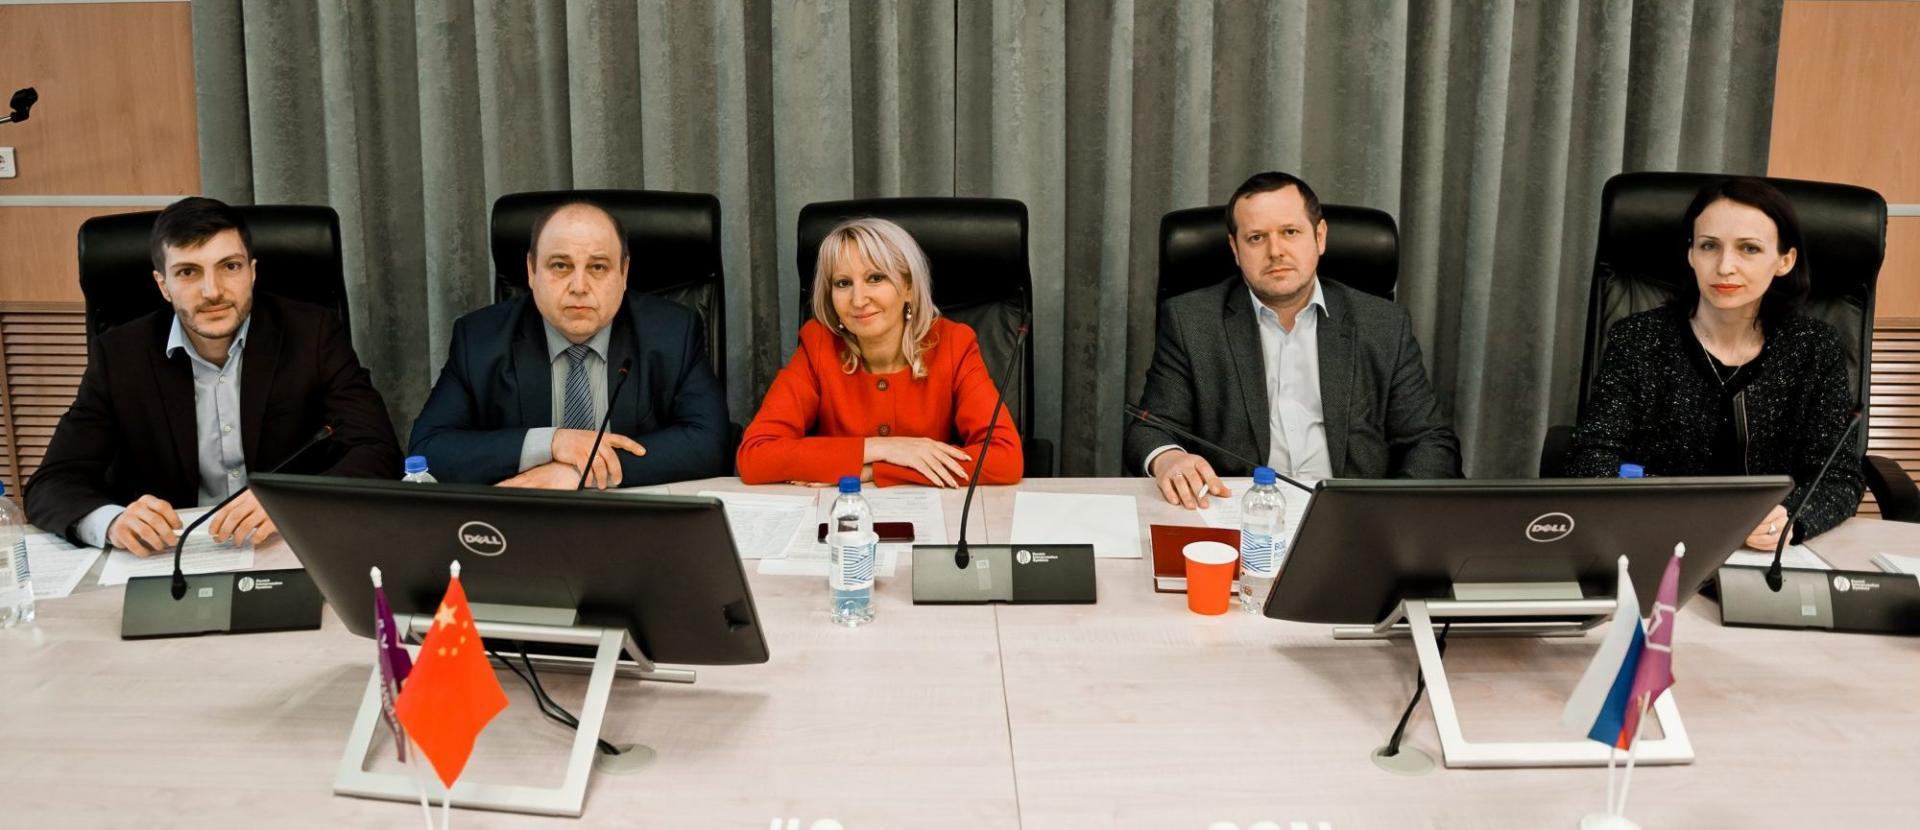 Визит представителей китайских вузов в московский офис CCN